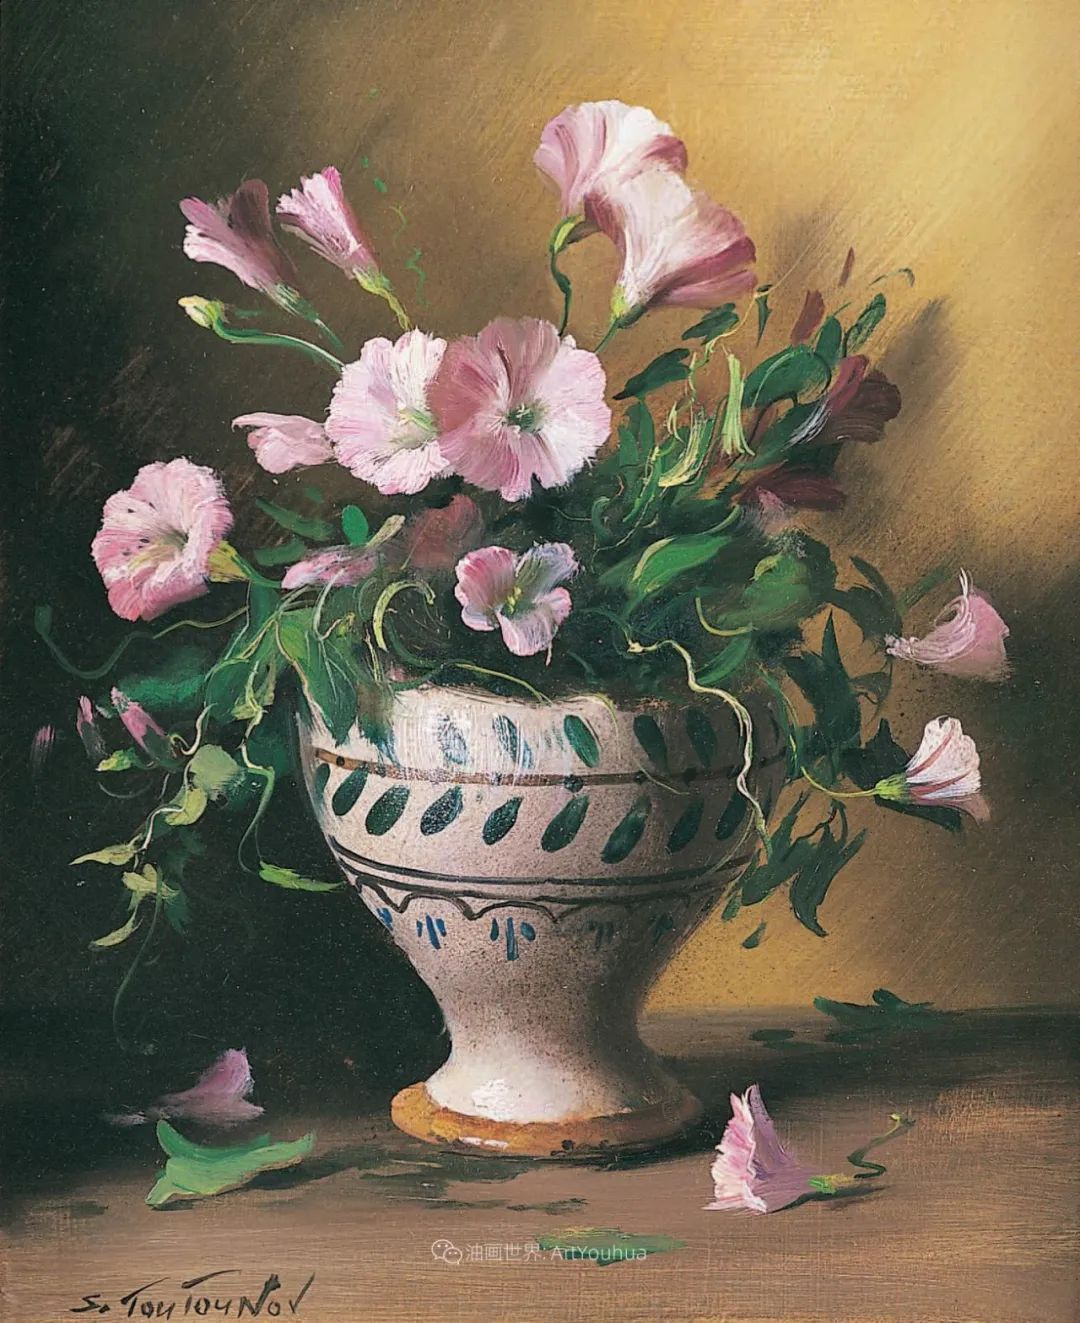 花香袭人,绚丽多彩!俄罗斯画家谢尔盖·图图诺夫插图35